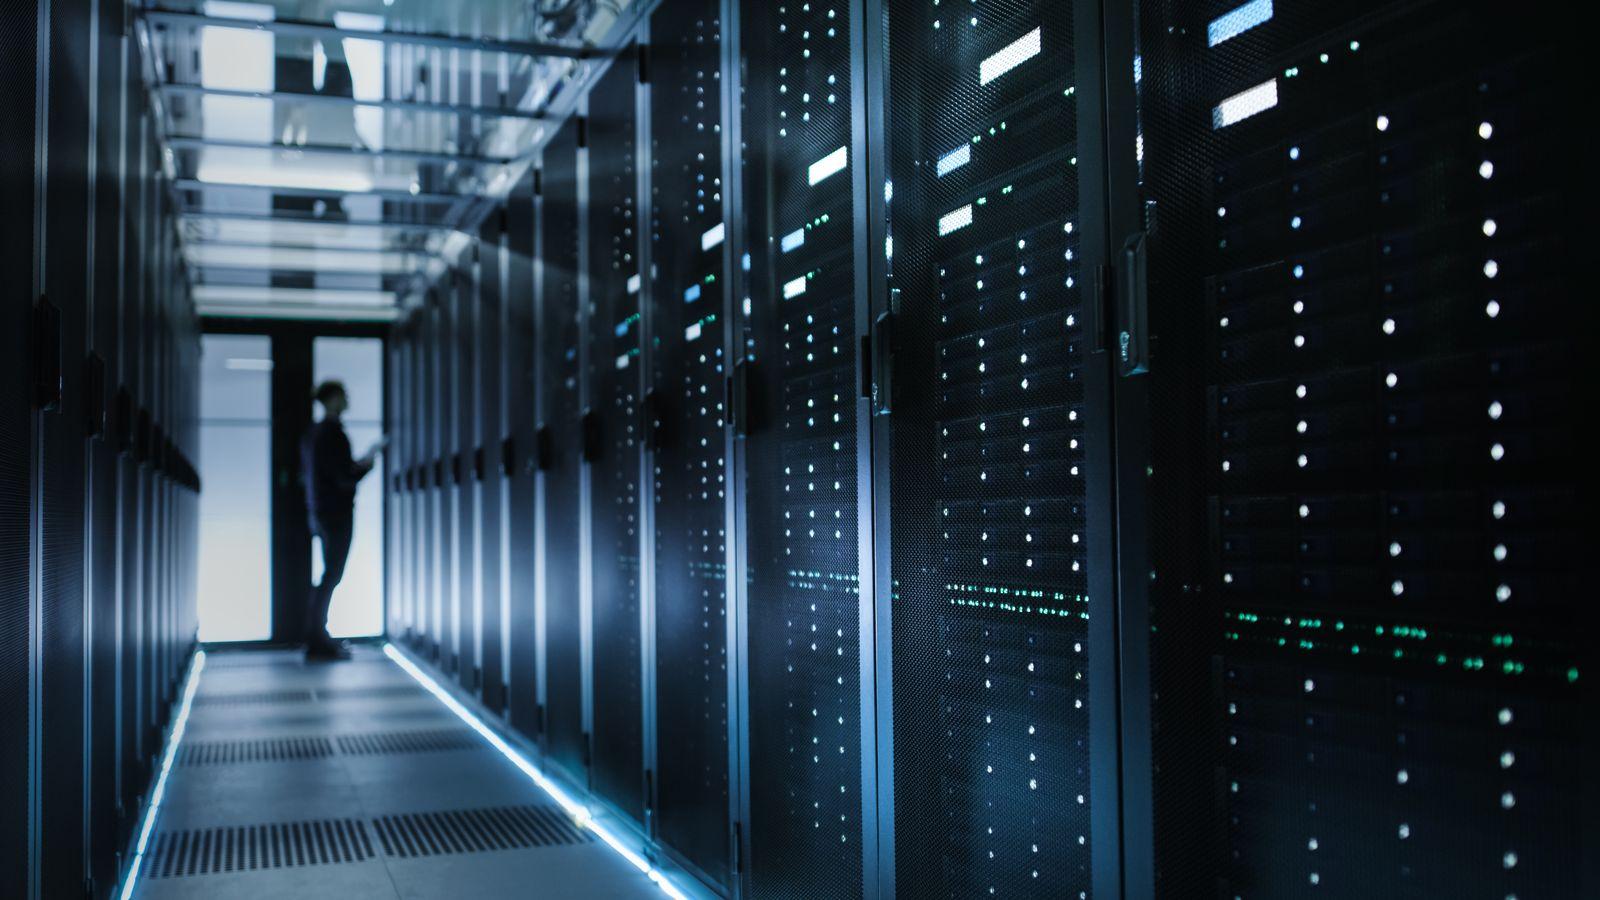 EINMALIGE VERWENDUNG Server Schrank / Vorratsdatenspeicherung